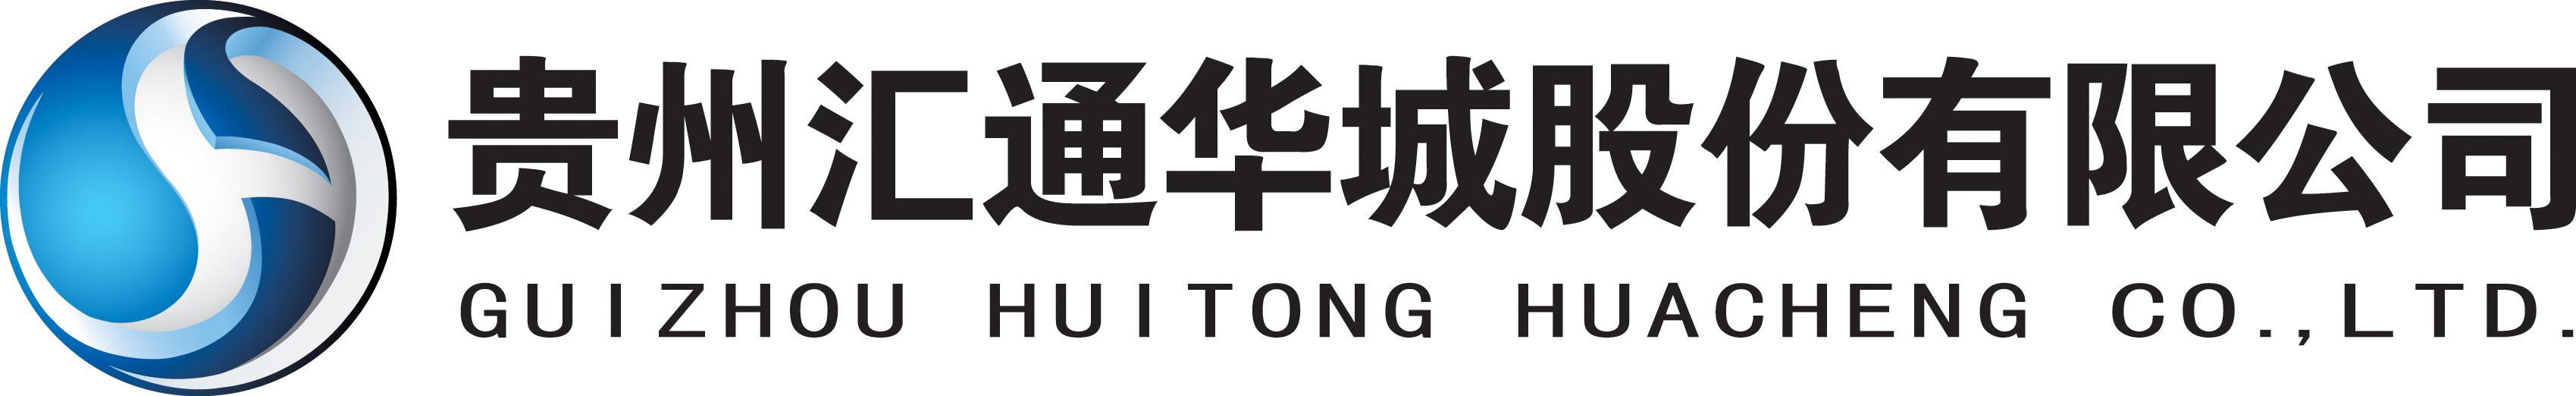 貴州匯通華城股份有限公司